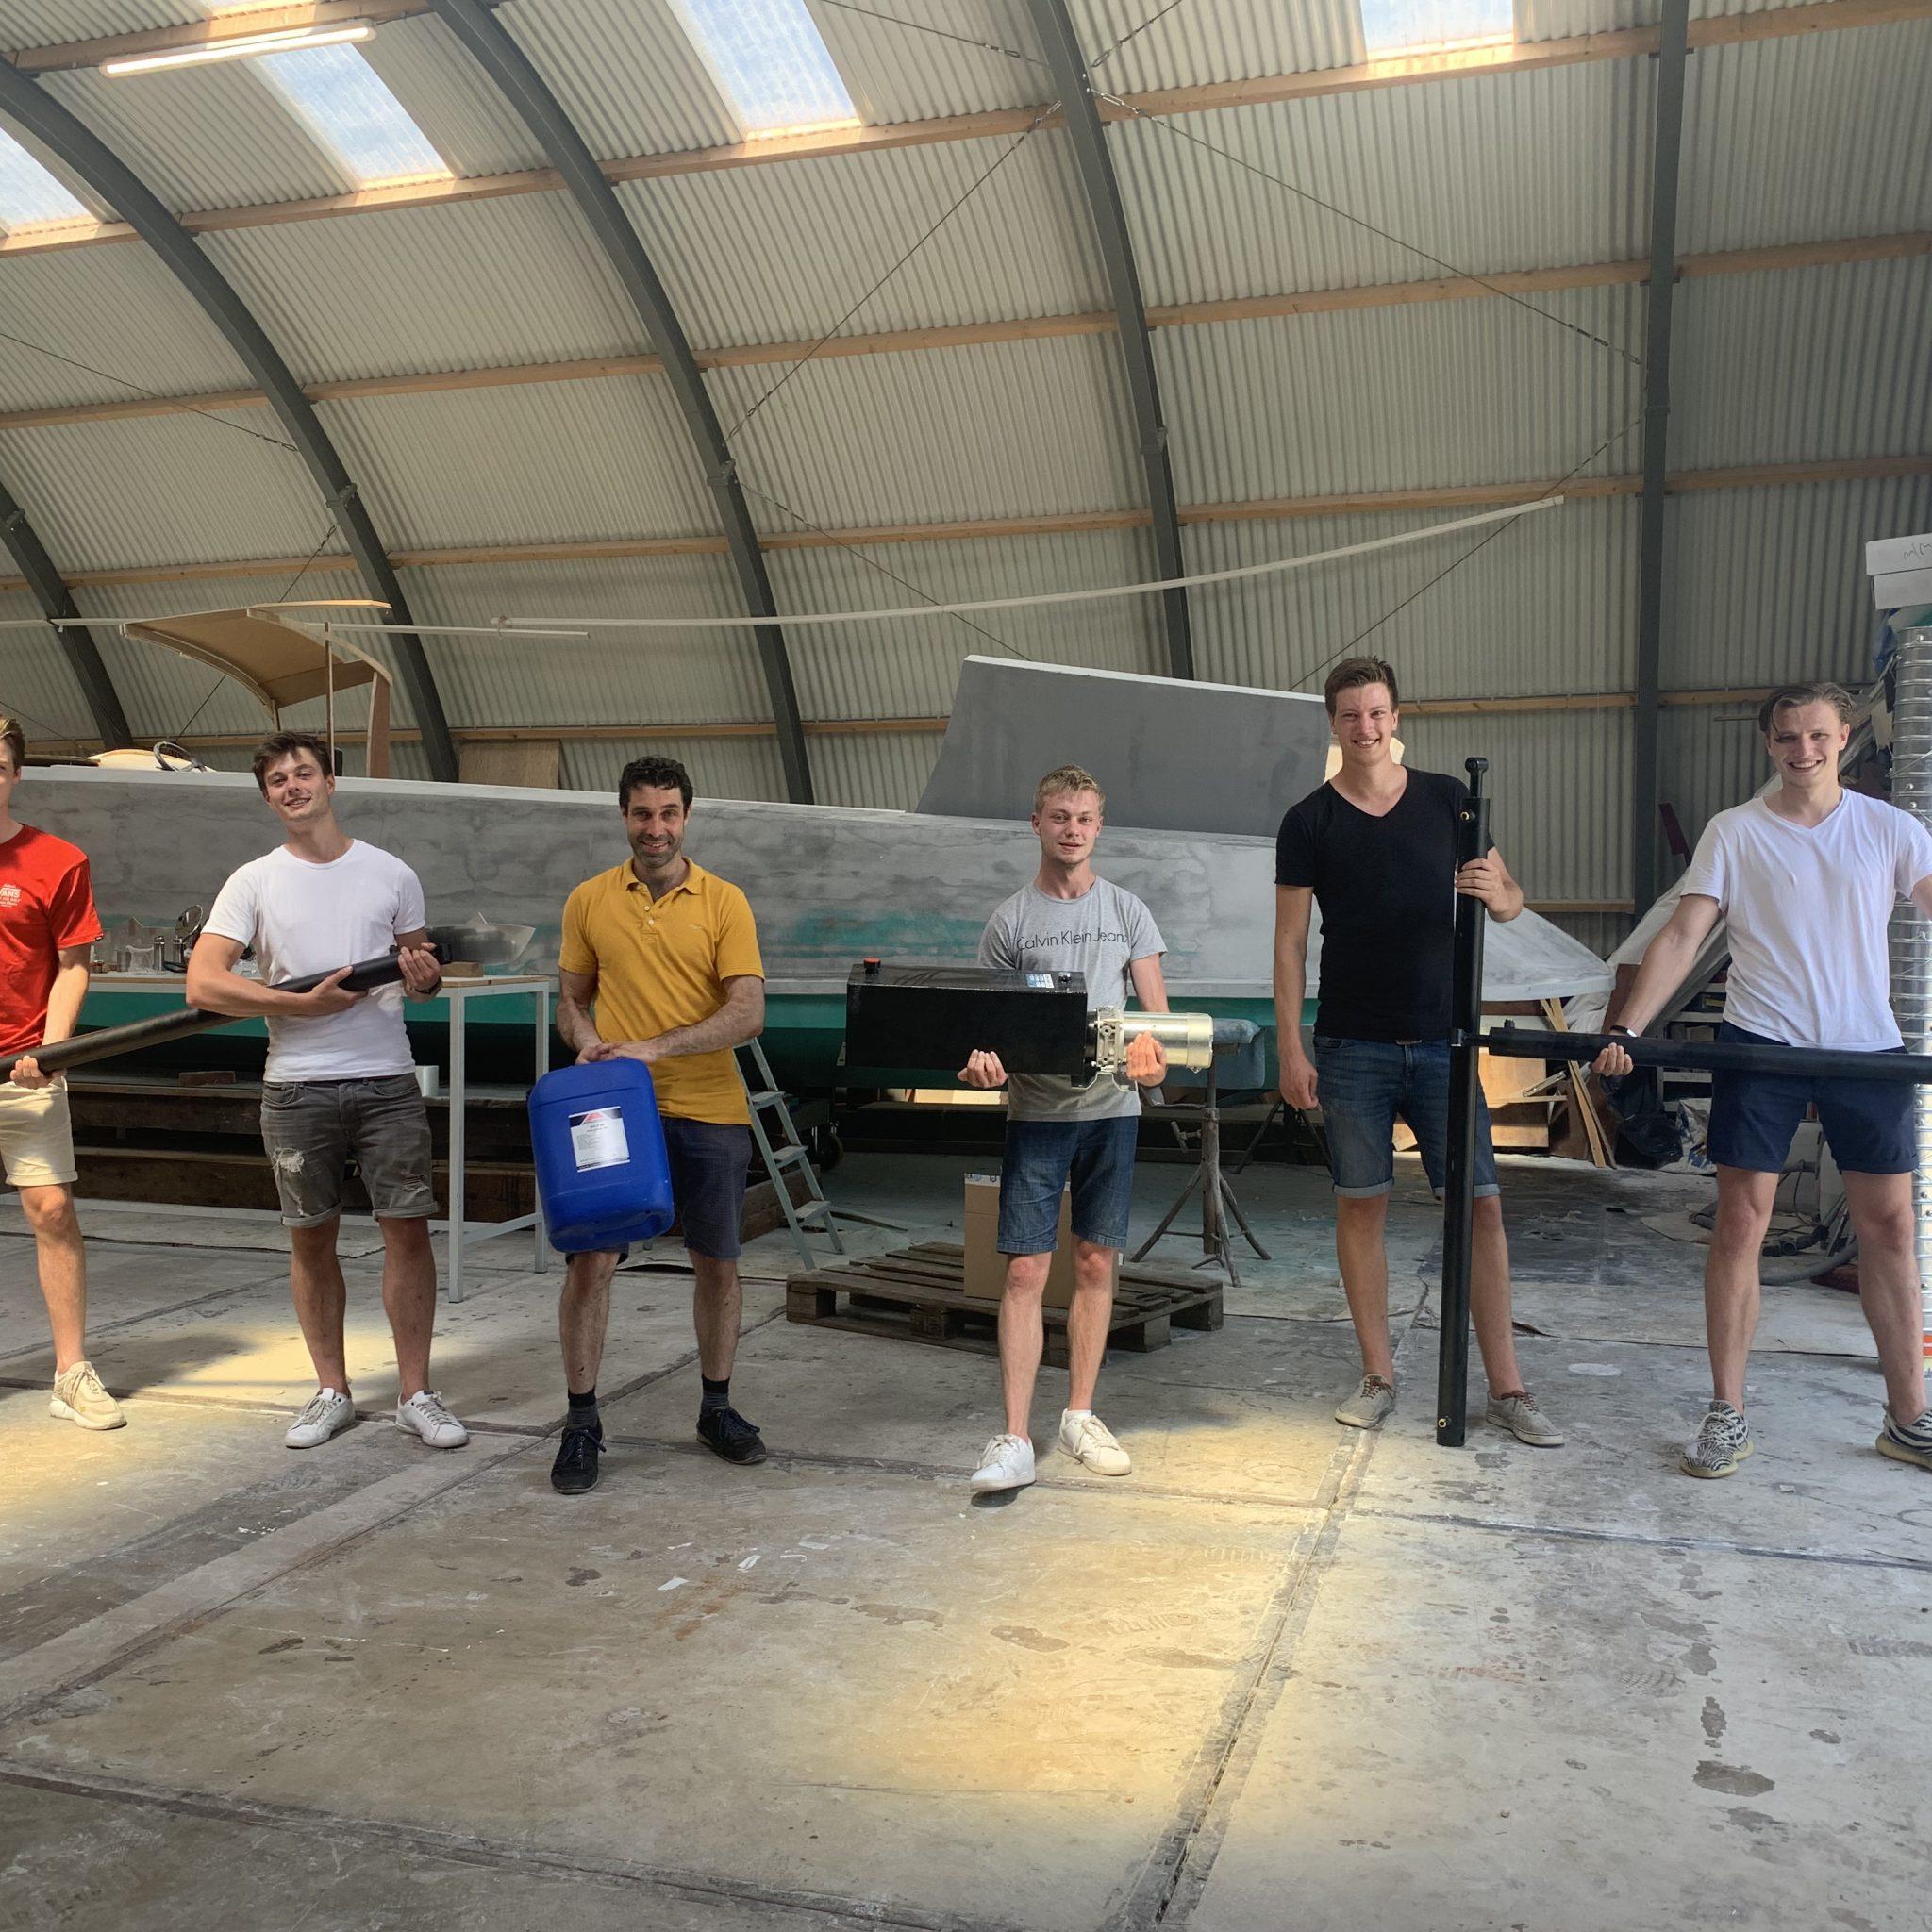 Vlnr: Sjoerd den Boer, Luuk Breggemans, Elio Barone, Nick van Hugten, Jelle Jongebreur en Ruben van Aalst met de hydraulische onderdelen voor de bootlift. Op de achtergrond de Futuro in aanbouw. (foto: T. vd Berg)